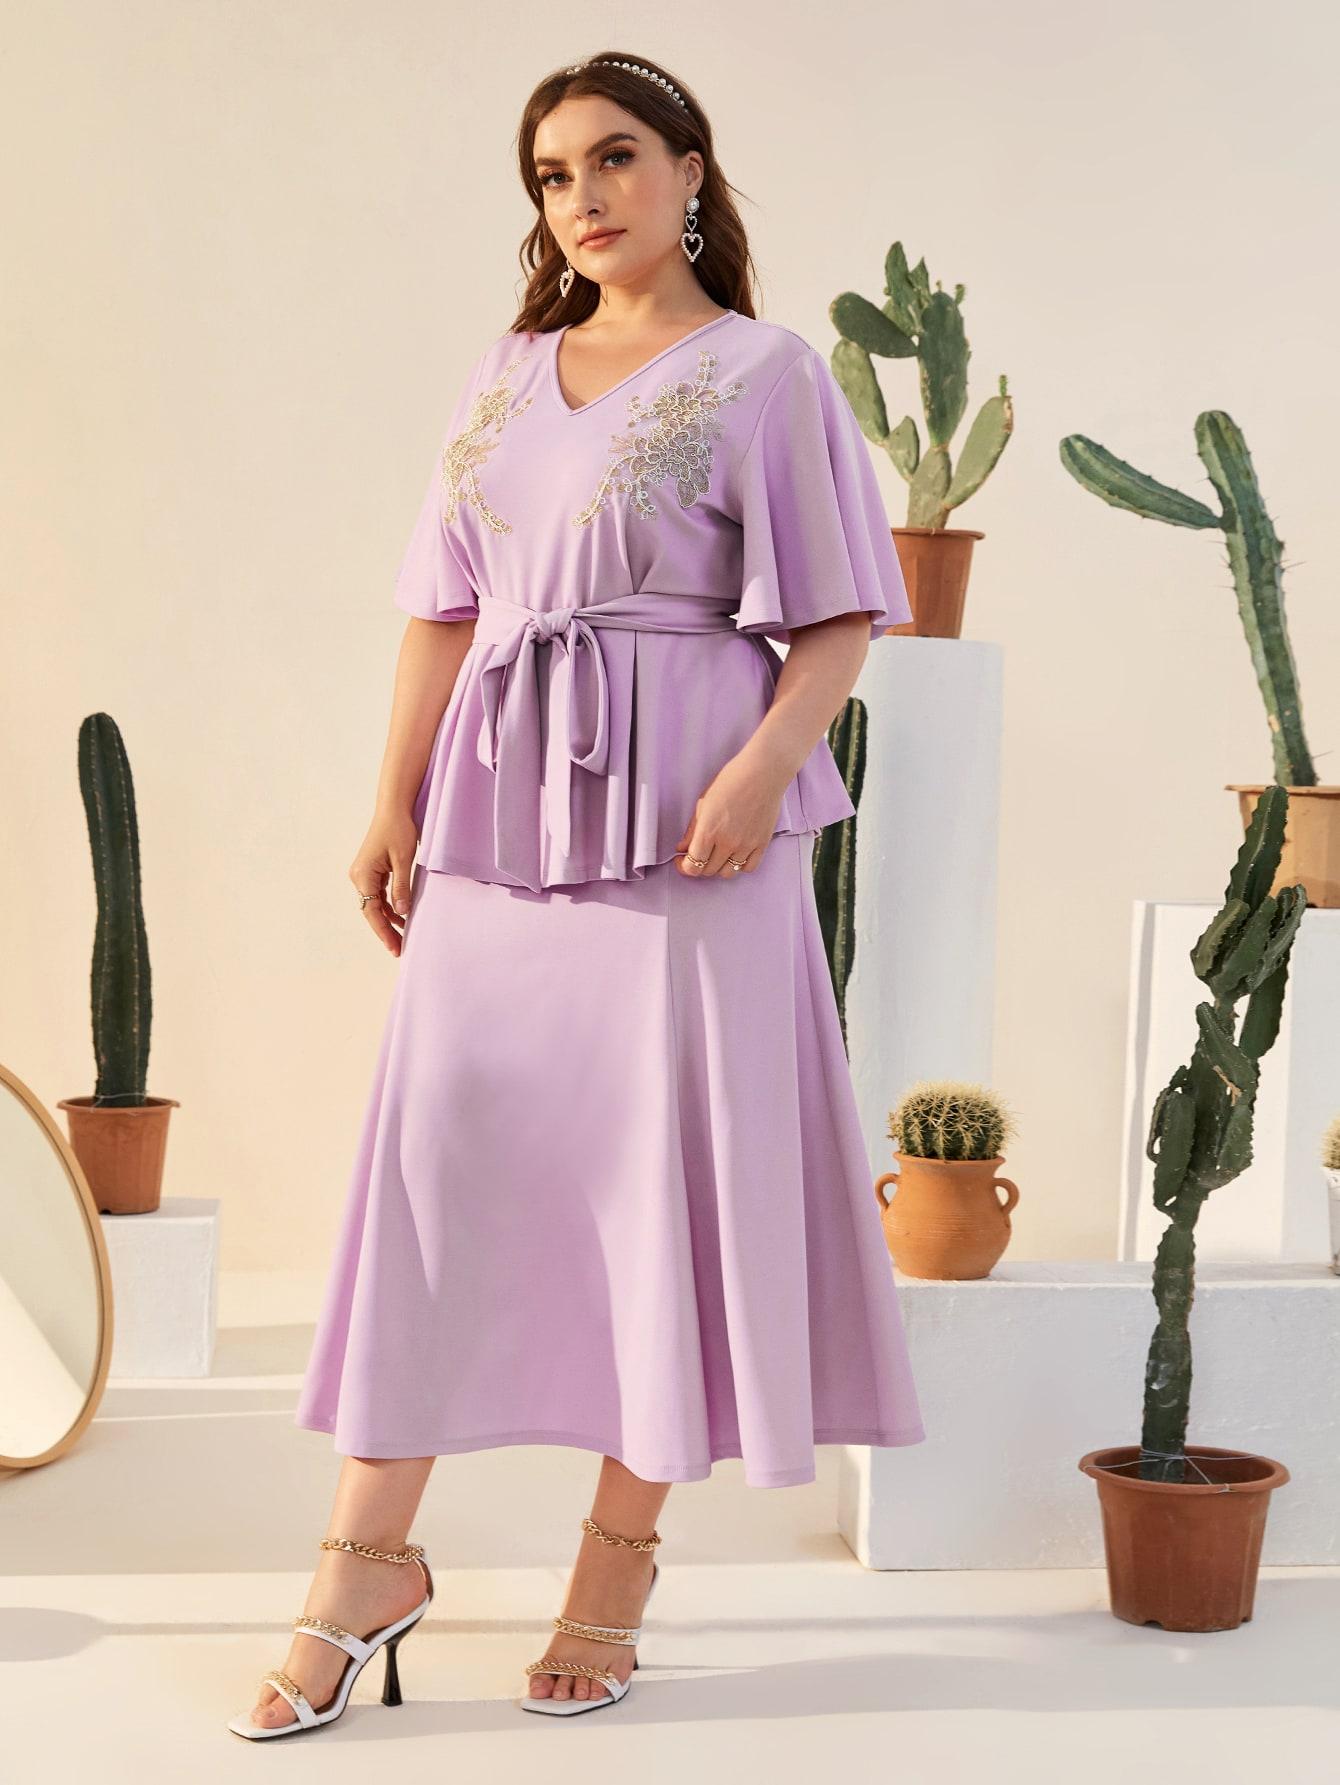 Plus Butterfly Sleeve Applique Detail Belted Peplum Top & Skirt Set